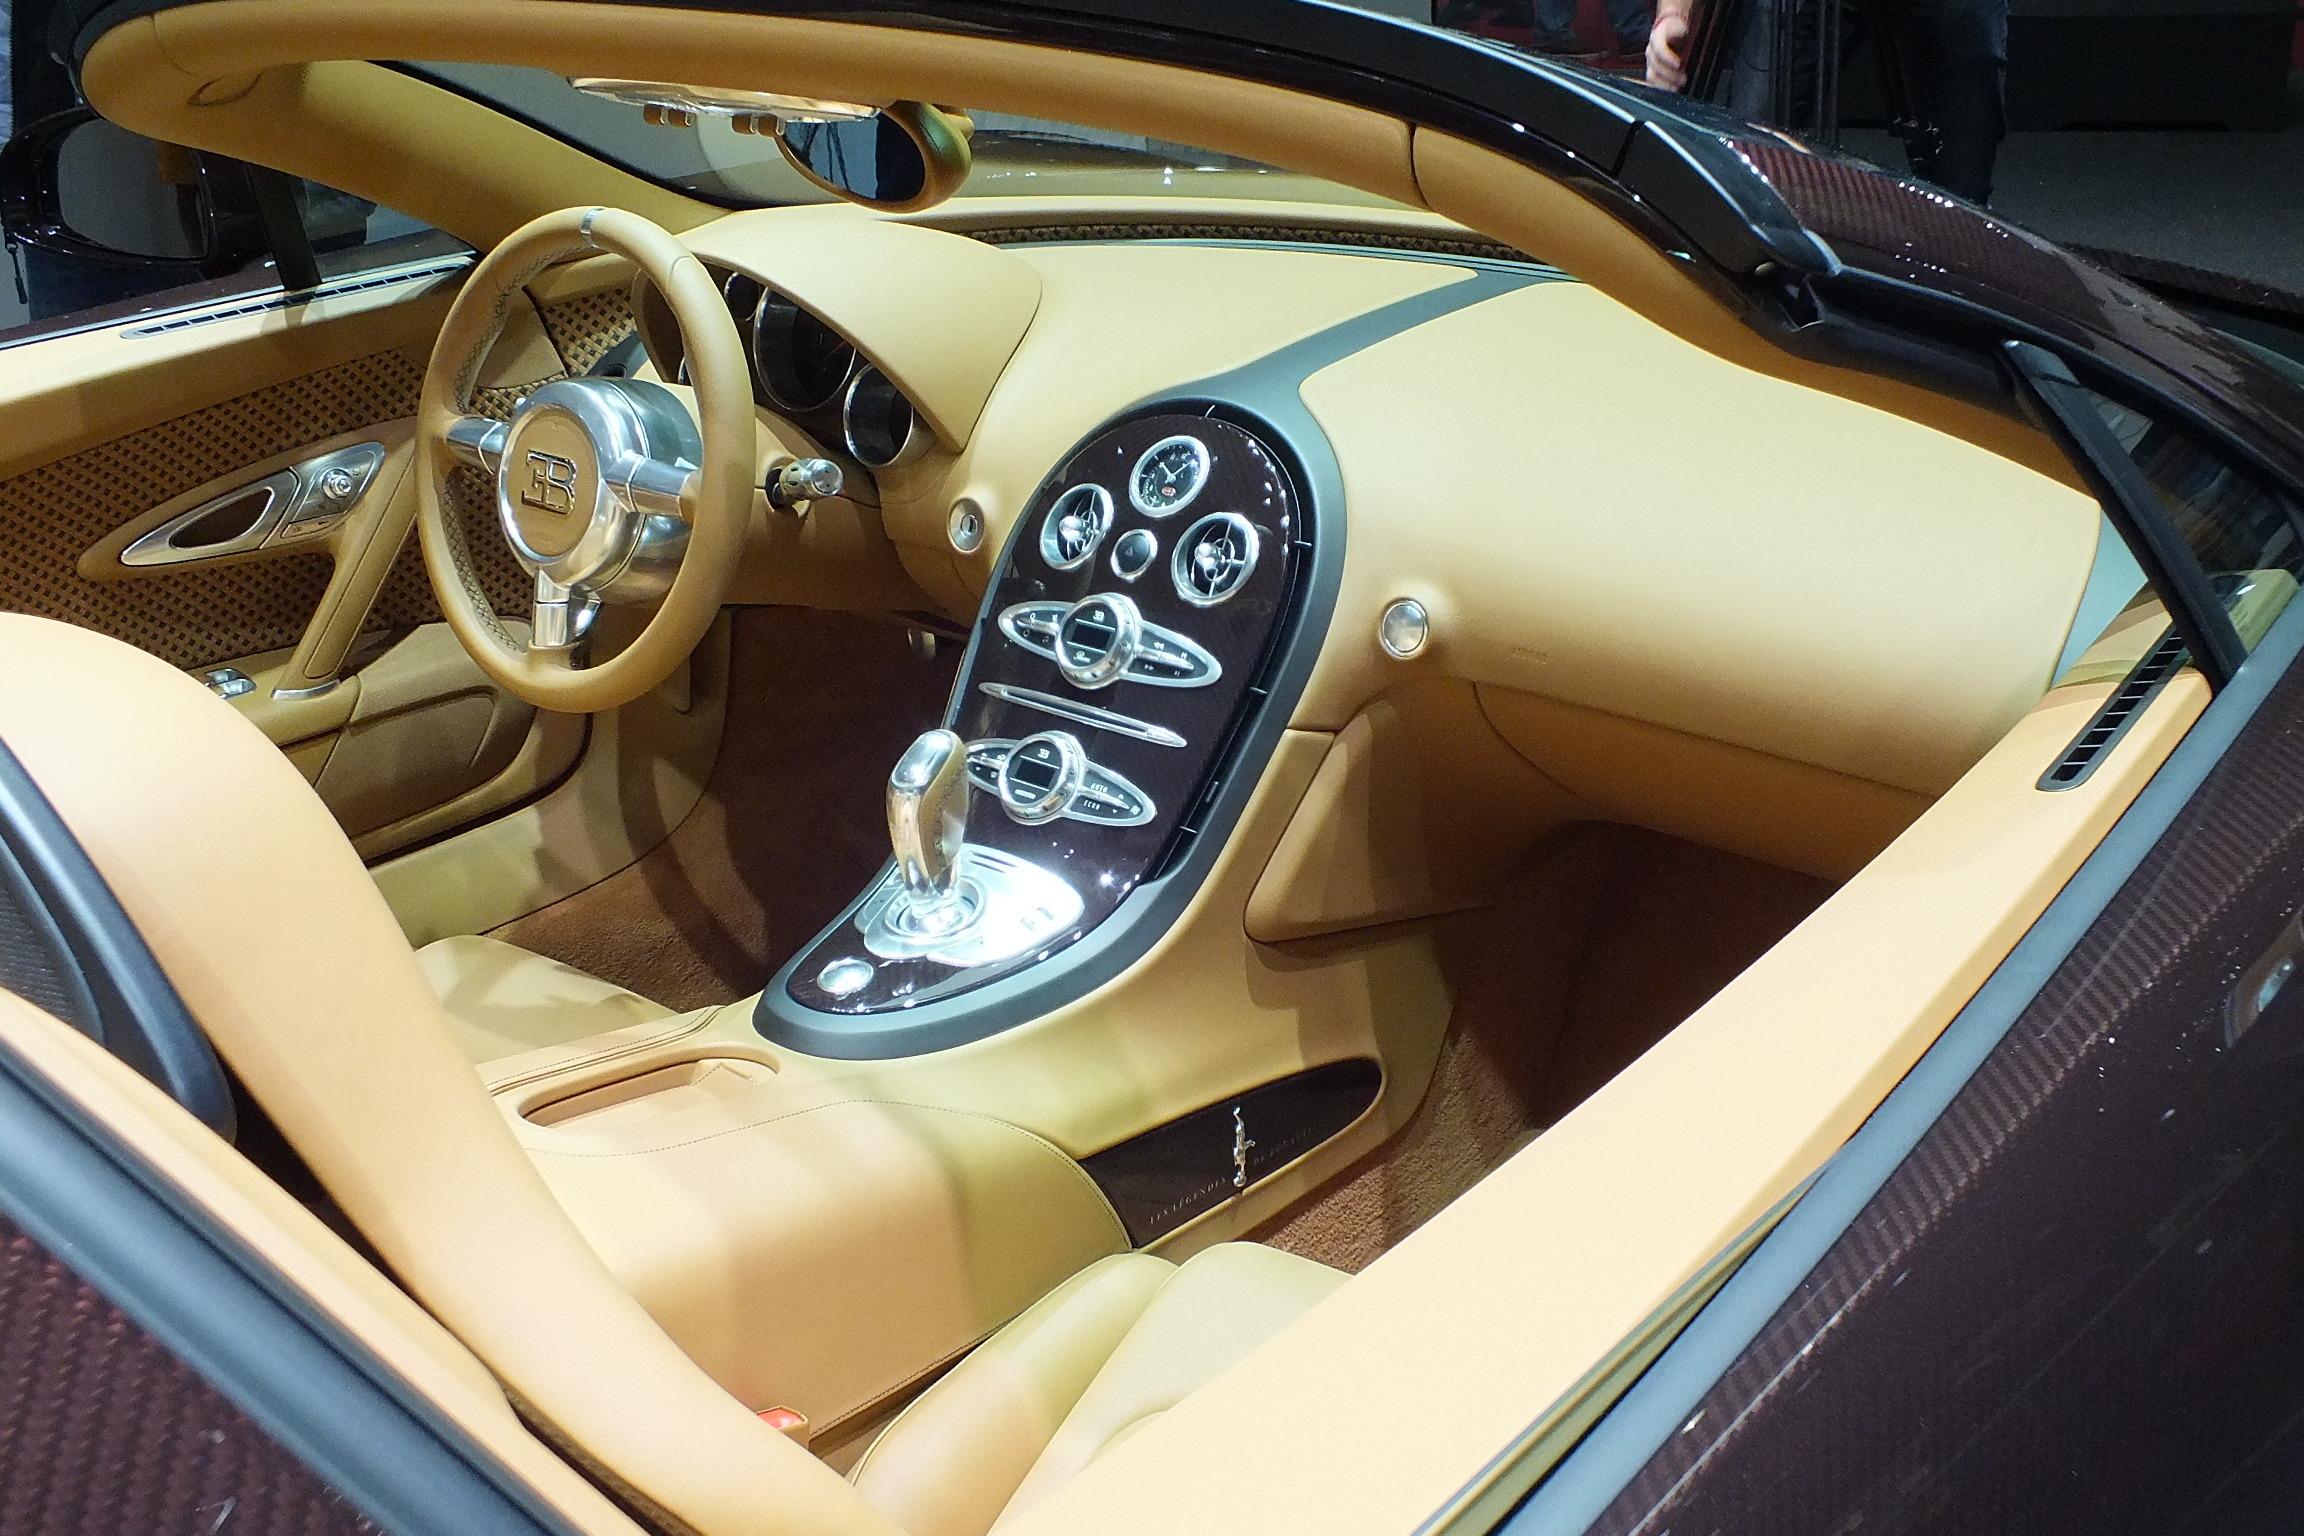 S0-En-direct-de-Geneve-2014-Bugatti-Veyron-Rembrandt-Bugatti-316536 Exciting Bugatti Veyron Grand Sport Vitesse Fiche Technique Cars Trend